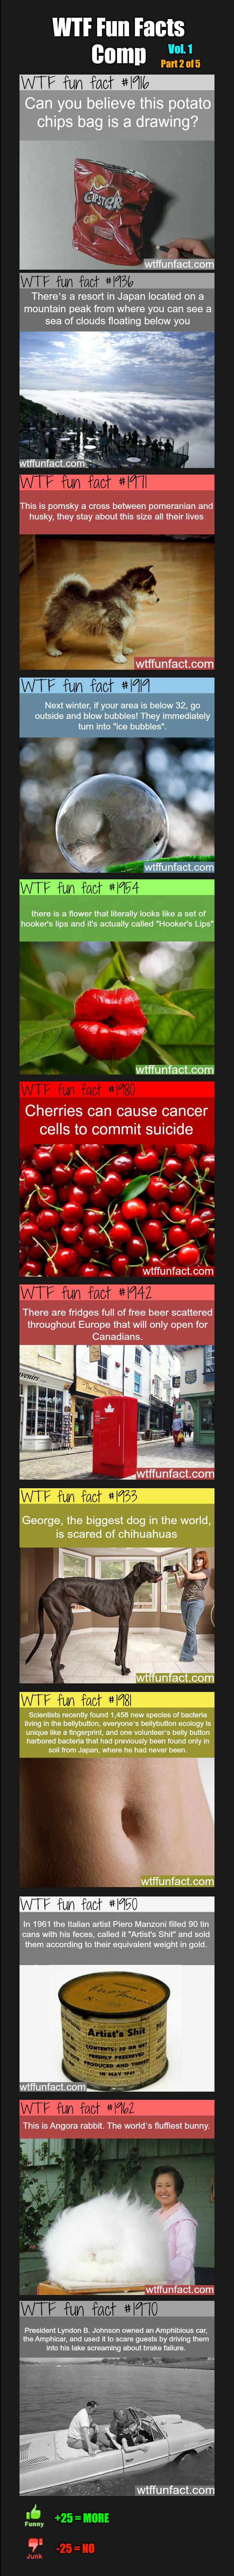 WTF Fun Facts Comp Vol. 1 Part 2. Vol. 1: -WTF Fun Facts Comp Vol.1 Part 1: /WTF+Fun+Facts+Comp+Vol.+1+Part+1/fun... Other: -Promo: /Fun+Facts+Comp/funny-pictur wtf fun facts